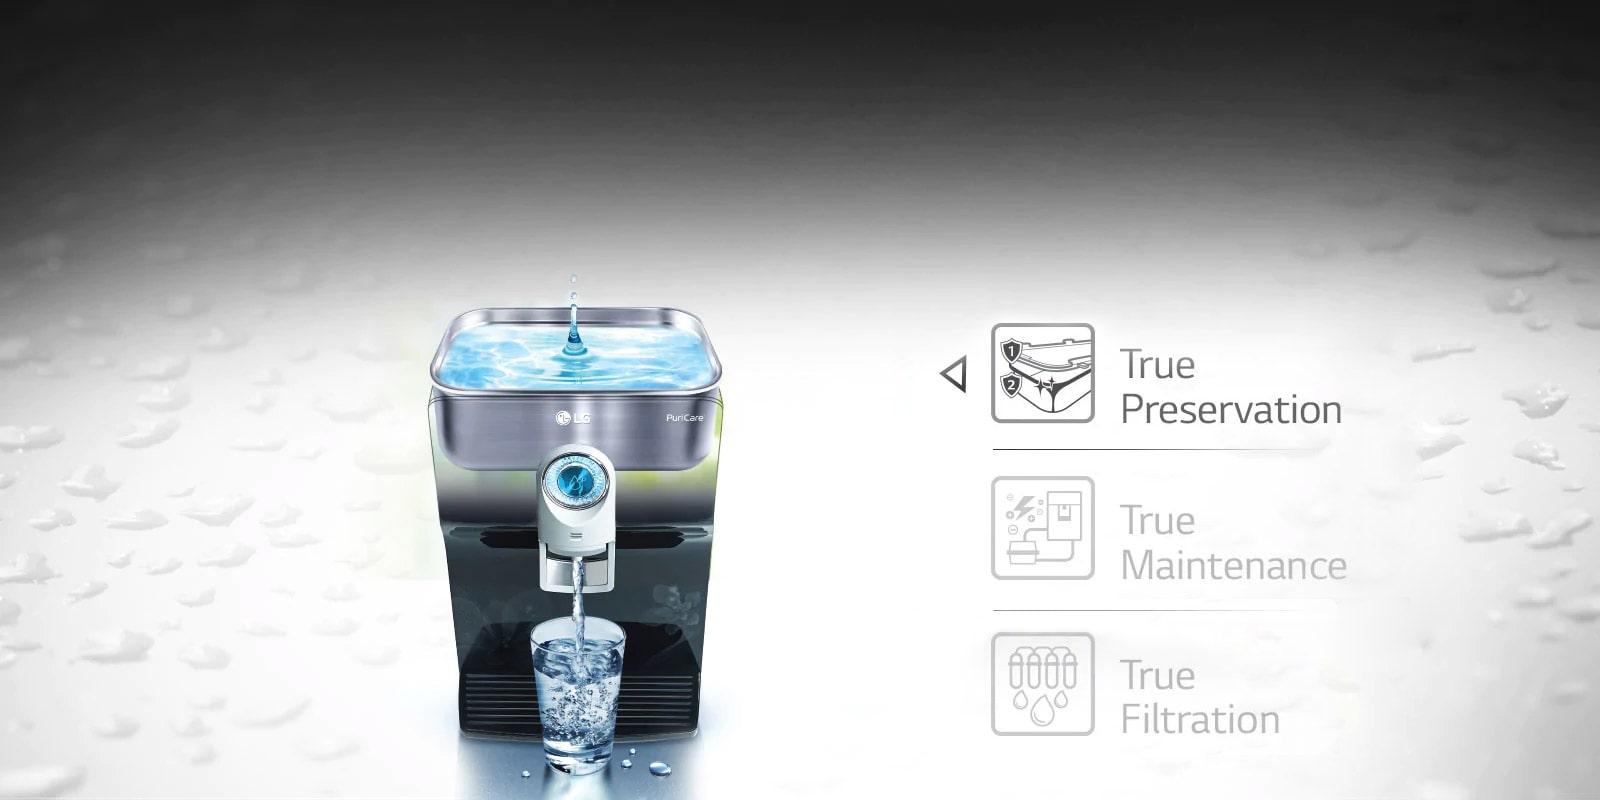 LG True RO Water Purifier